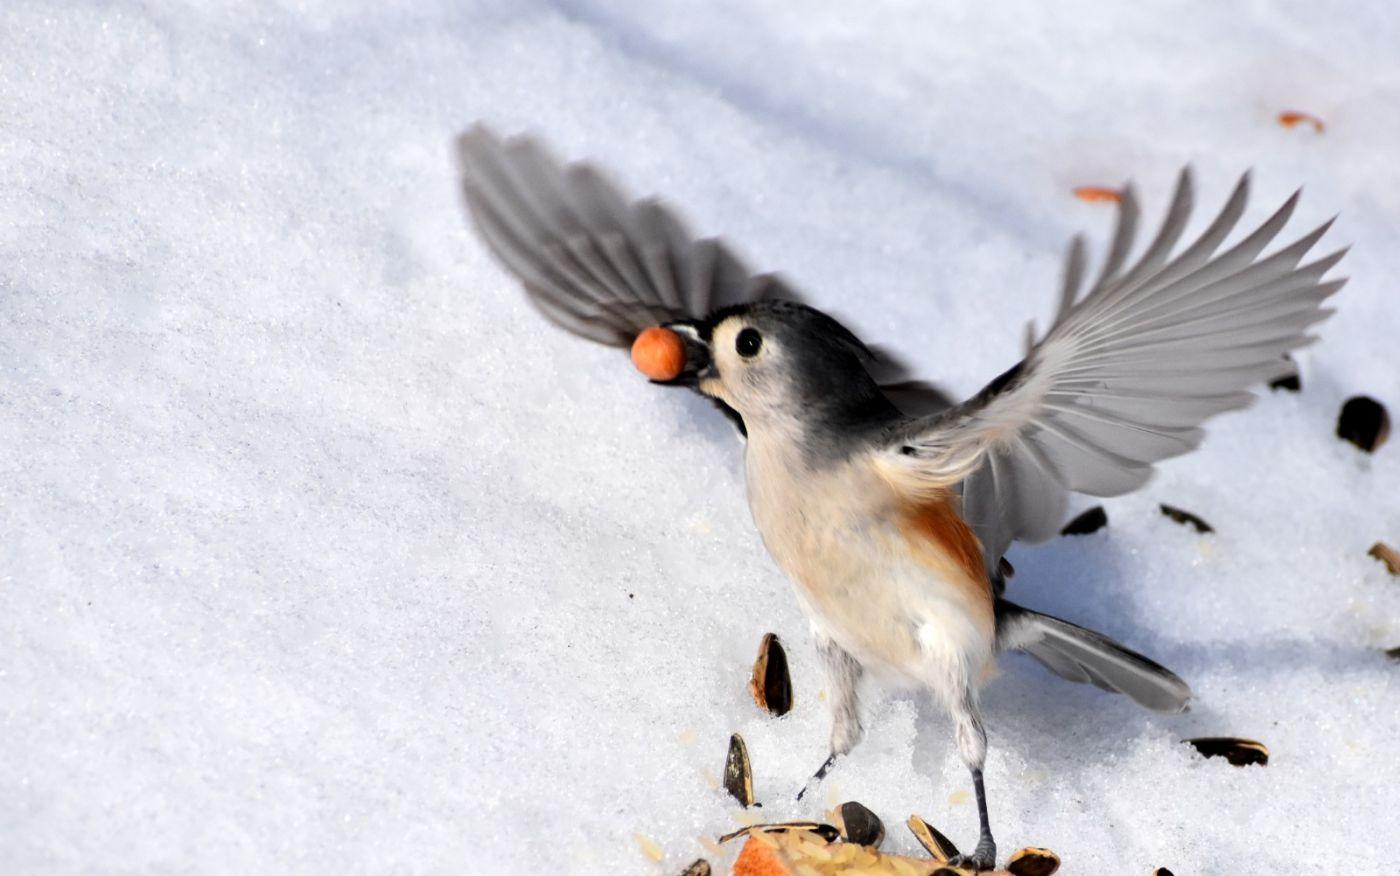 雪后鸟儿忙觅食_图1-14